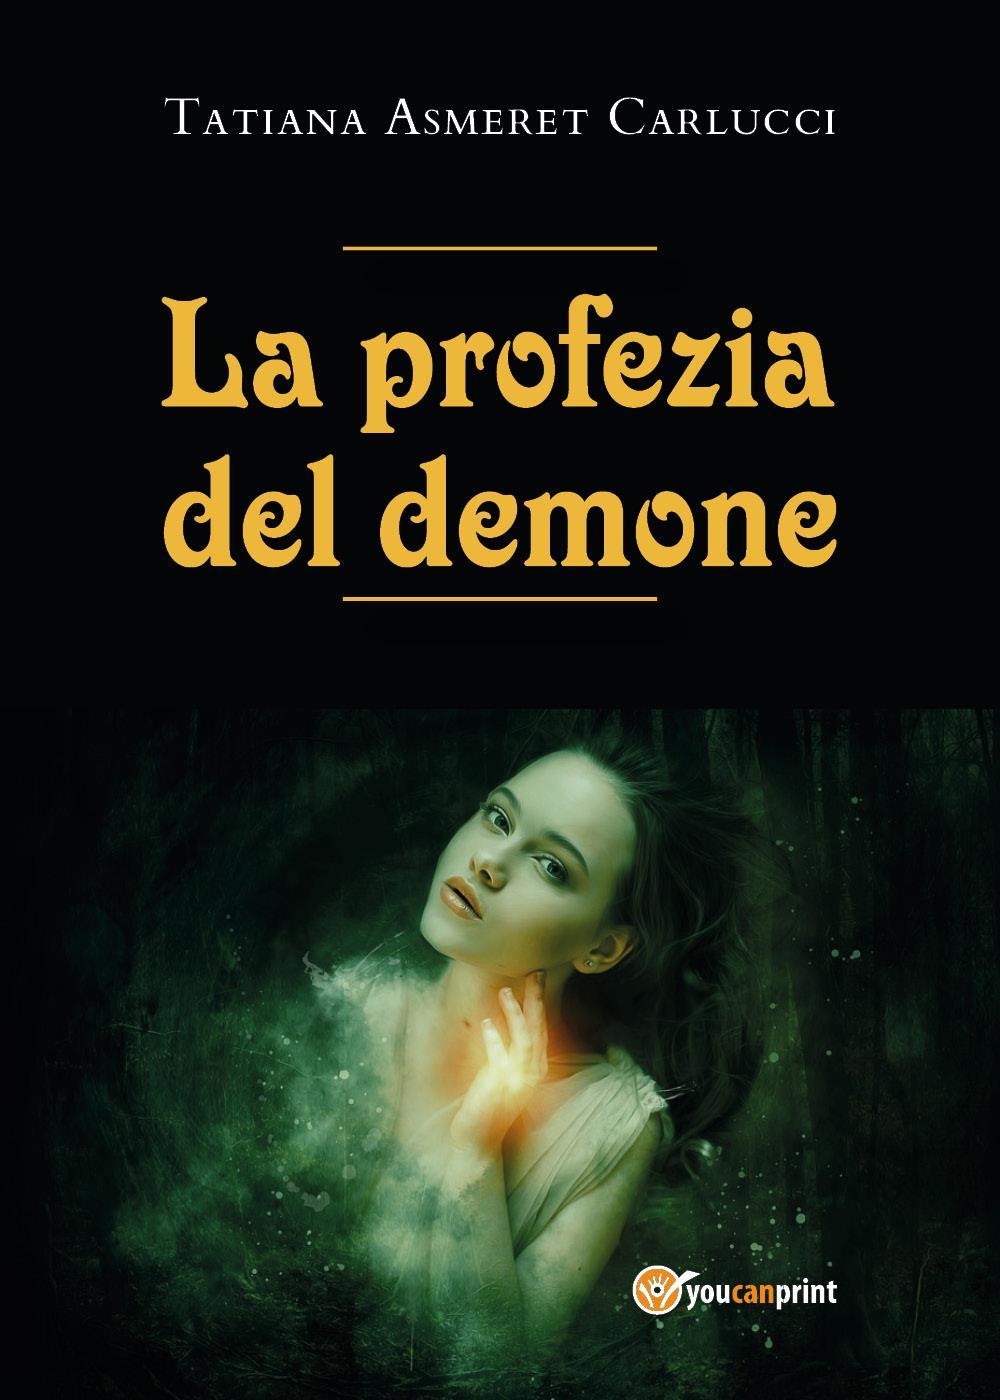 La profezia del demone